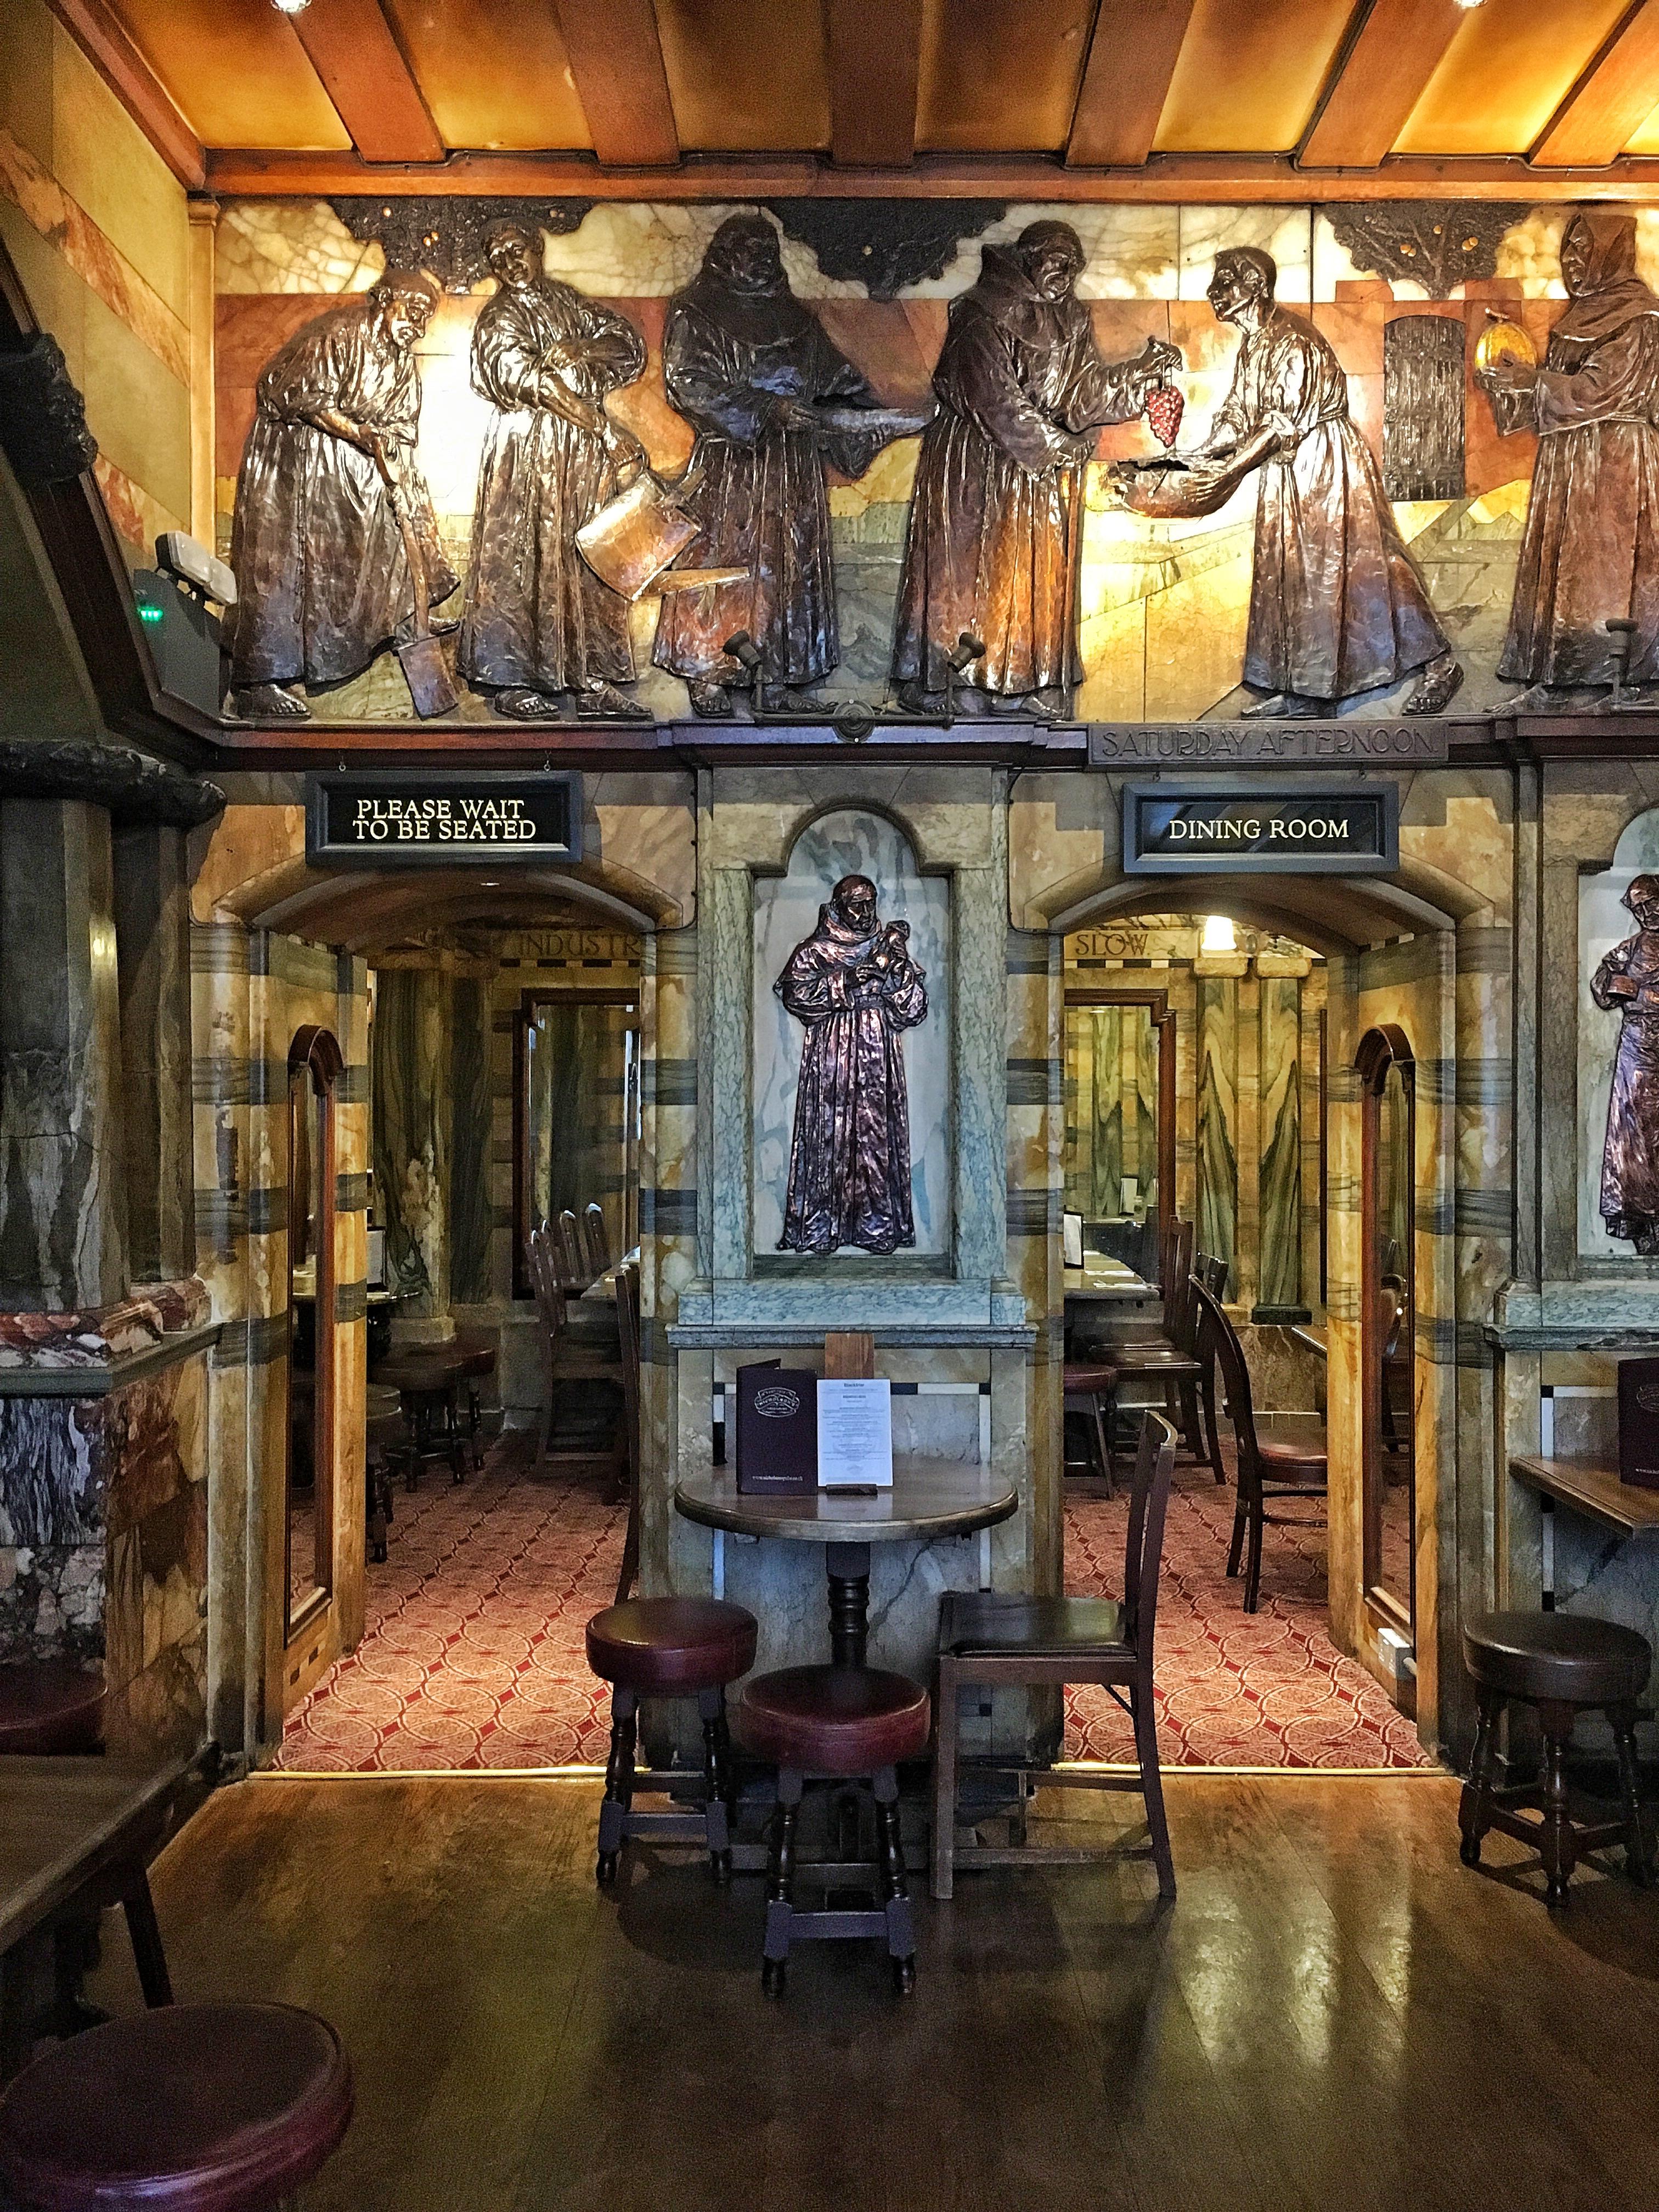 interni del pub Blackfriars